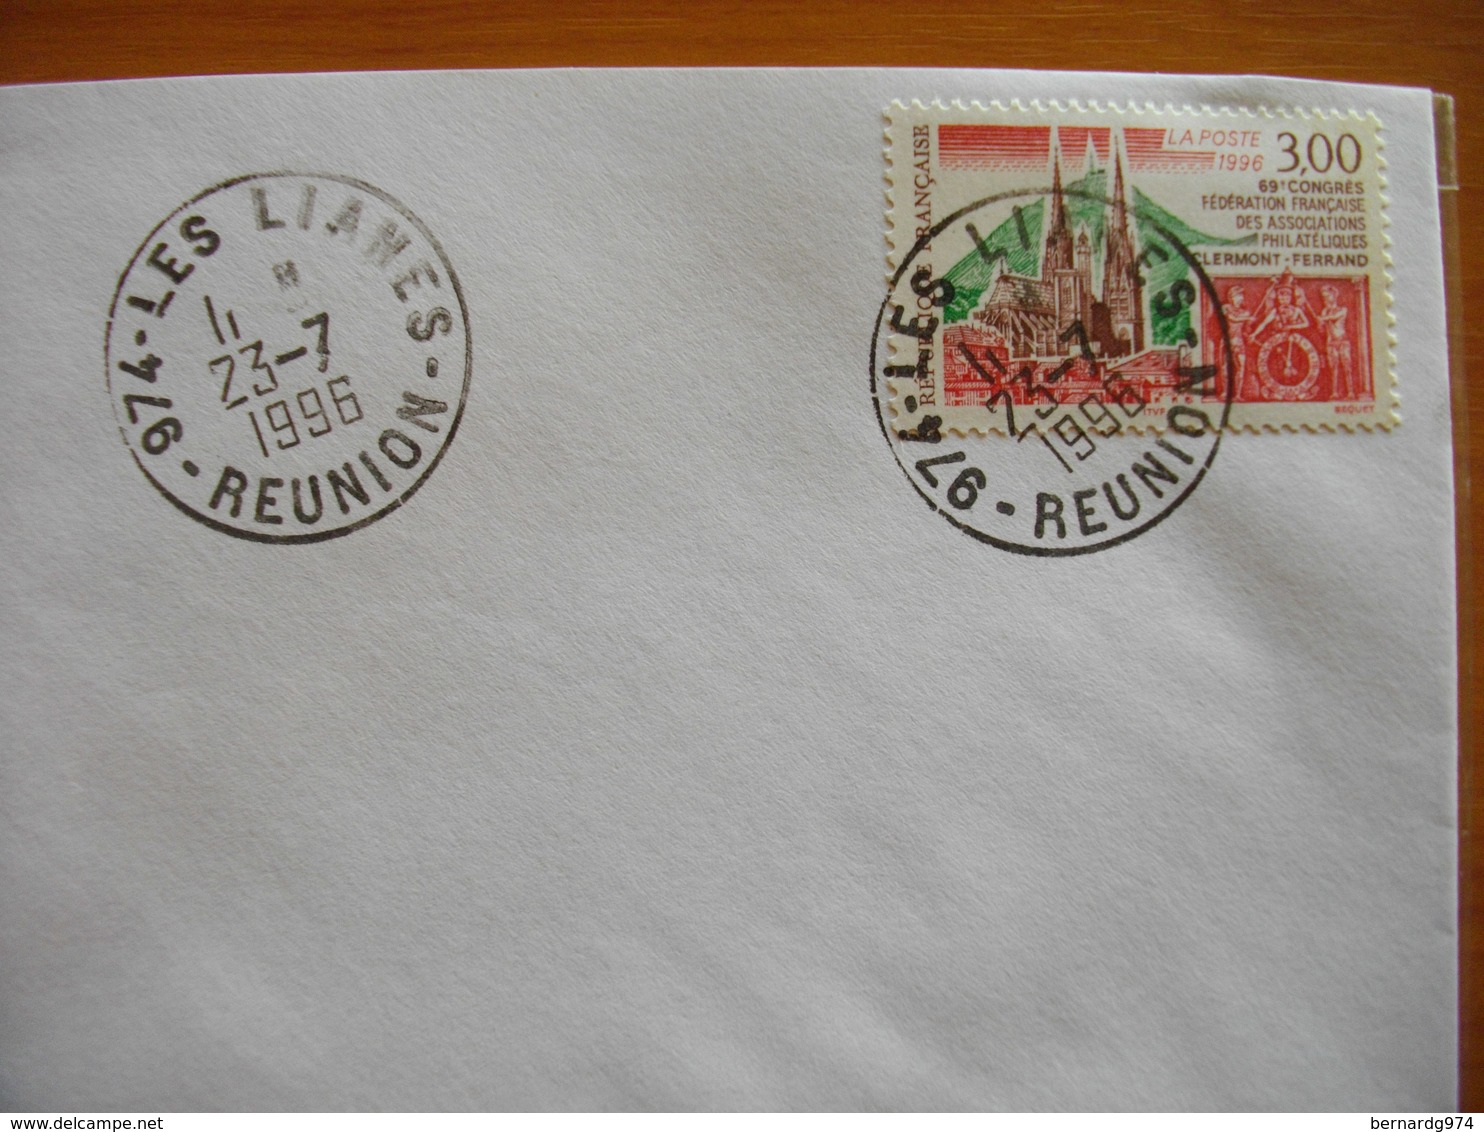 Réunion : Pli De 1996 Avec Cachets Du Petit Bureau Des Lianes - Réunion (1852-1975)